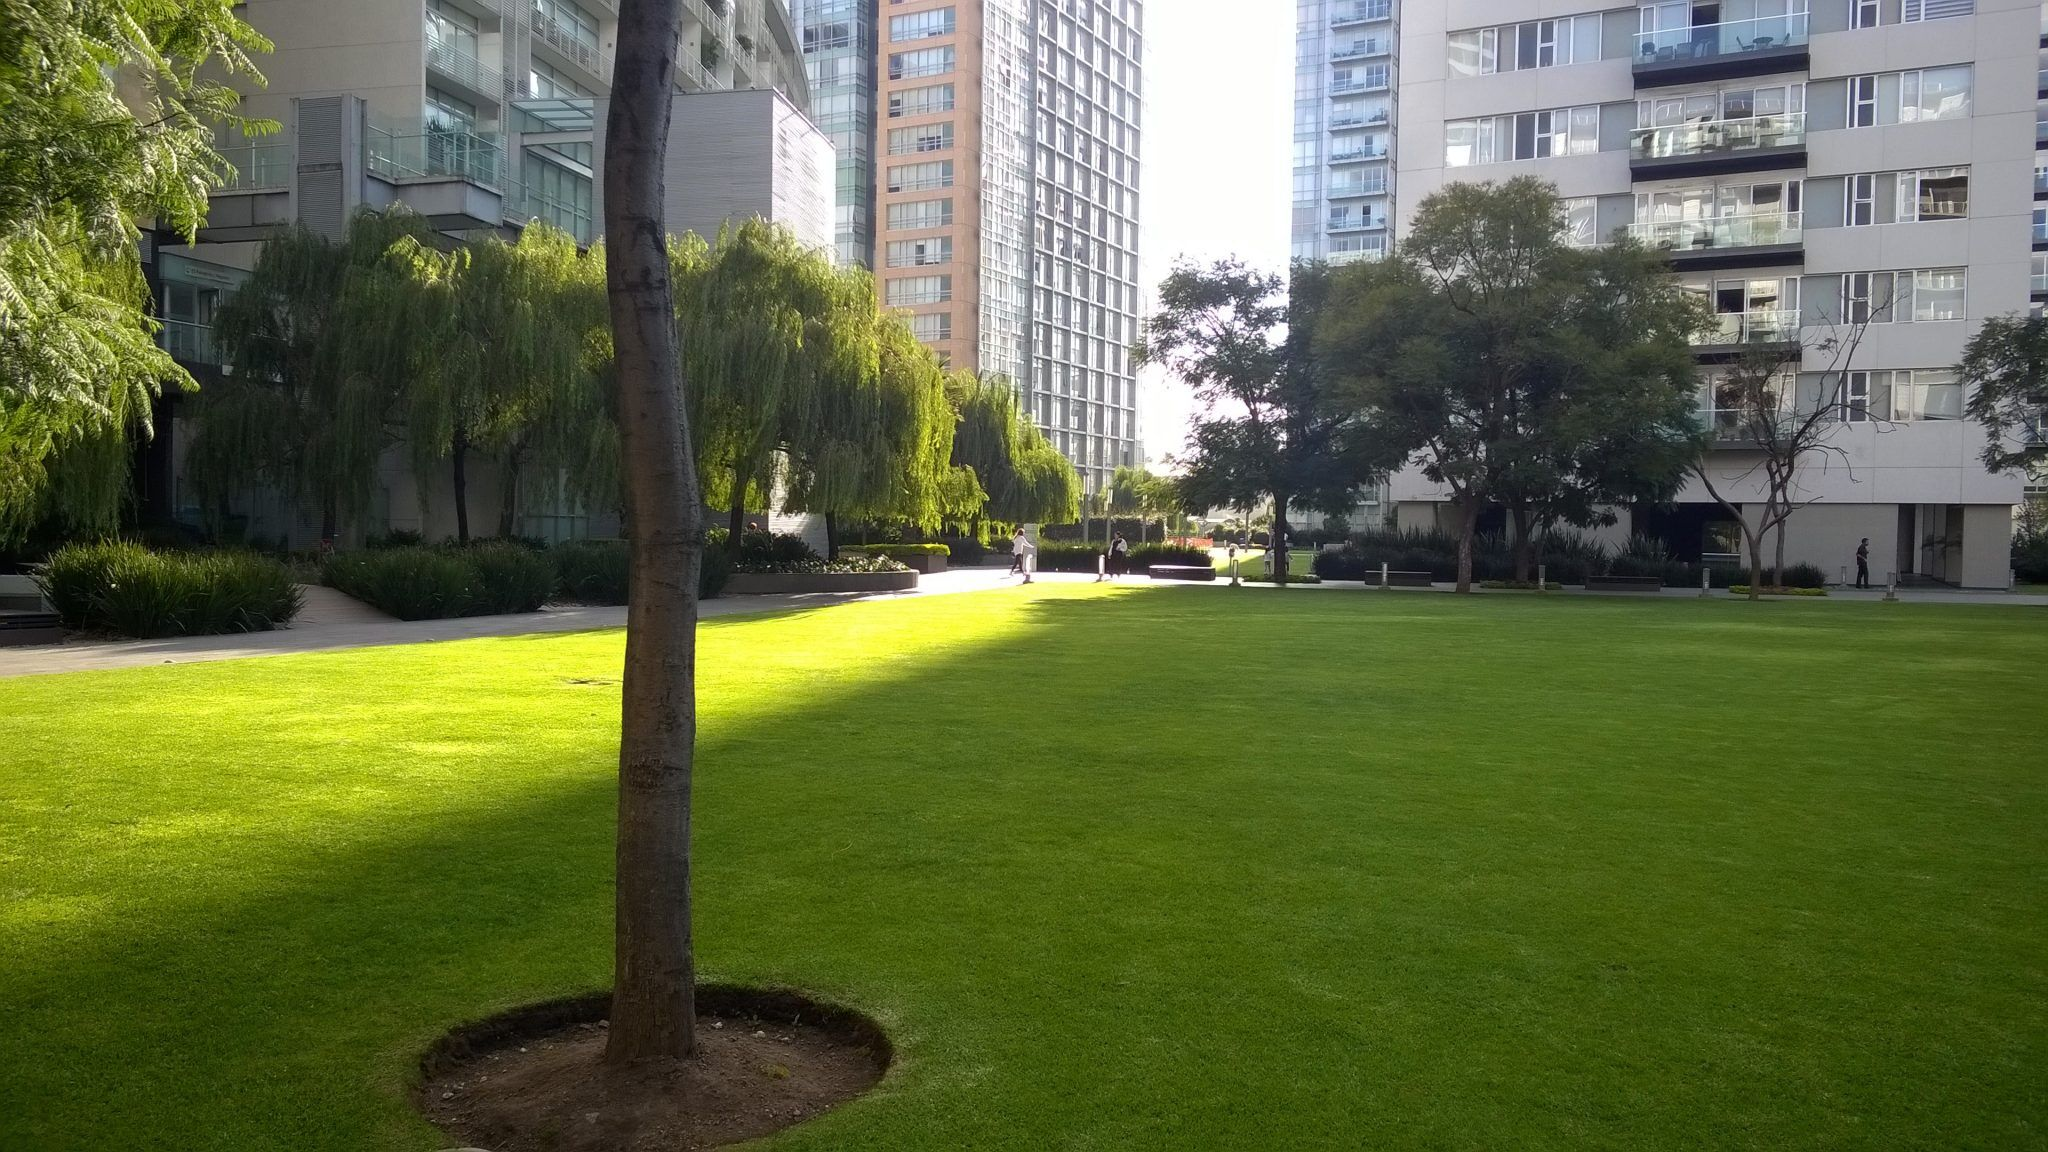 Departamento en Venta en Parques Polanco. 2 Recámaras y dos terrazas. Area Verde